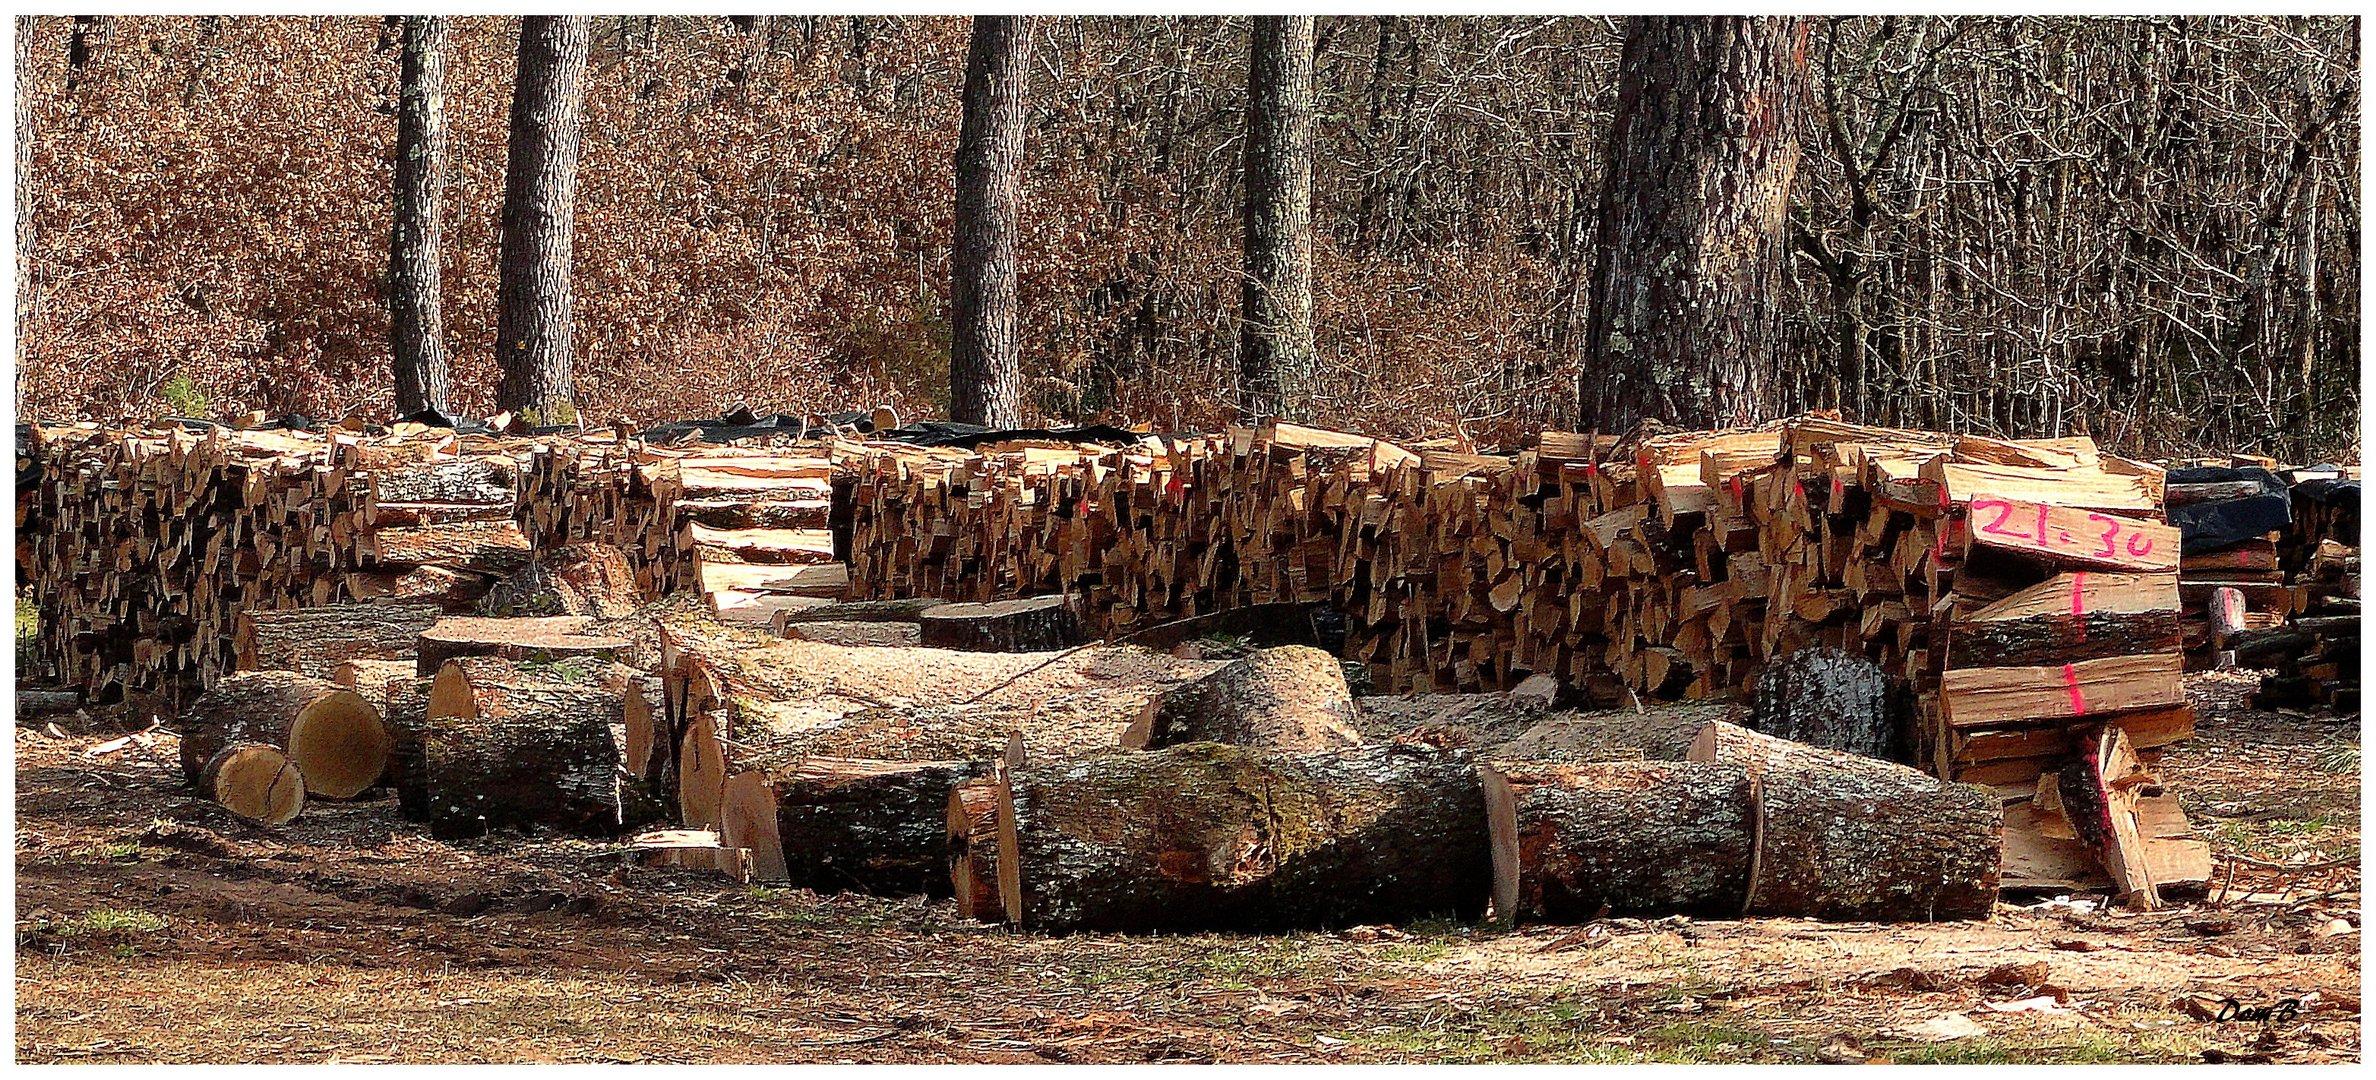 Les stères de bois qu'on achète viennent de là.